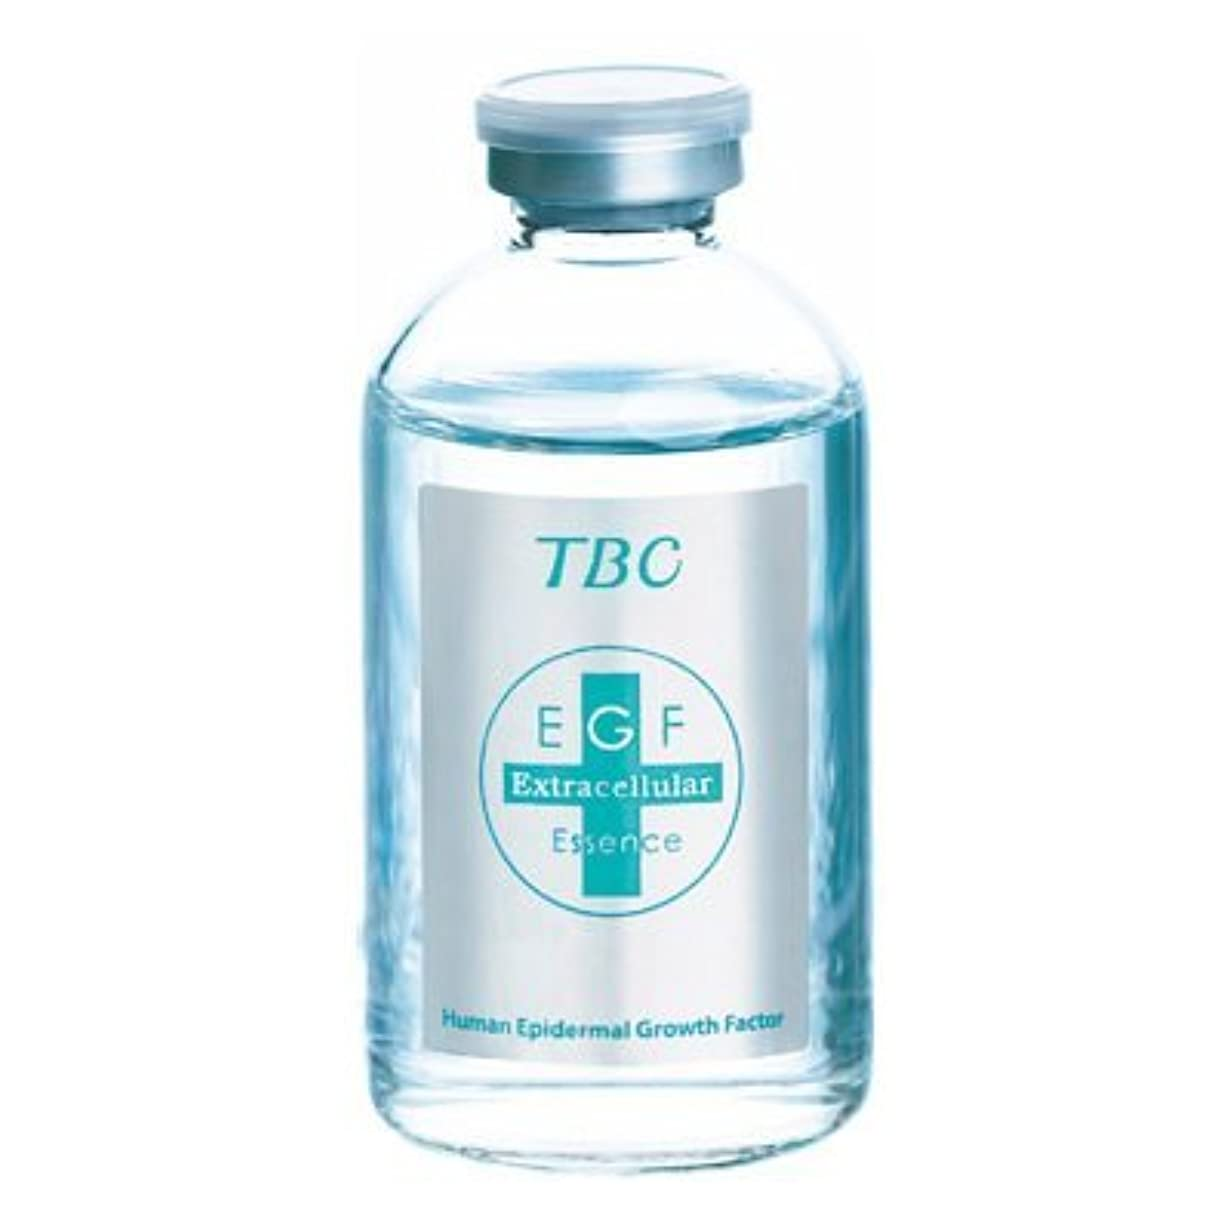 困惑する義務的成功したTBC EGF エクストラエッセンス 60ml [並行輸入品]